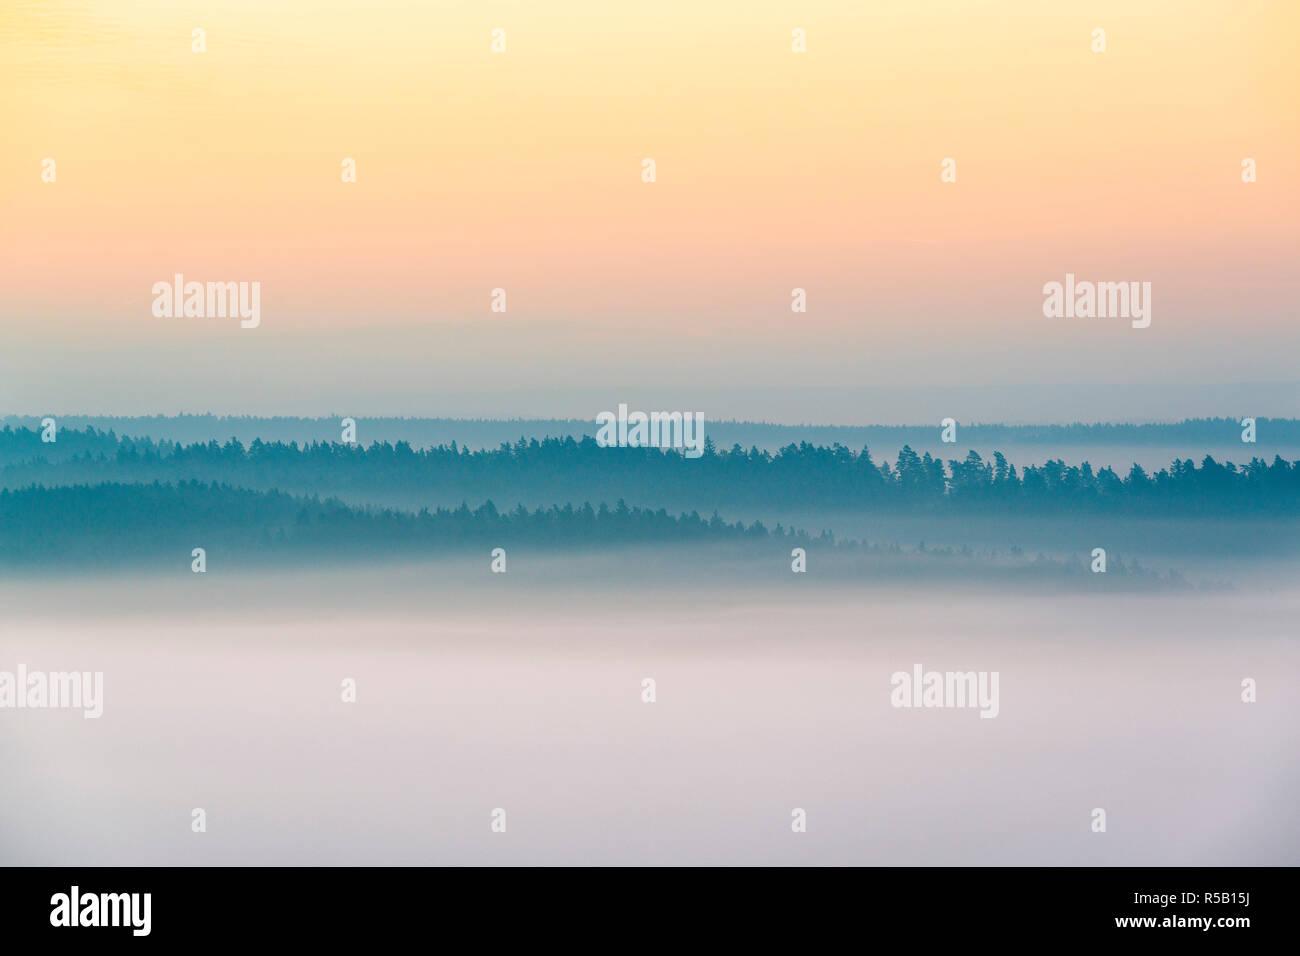 Sonnenaufgang auf der Leuchtenburg, Nebel, Herbst, Thüringen, Deutschland Stockfoto